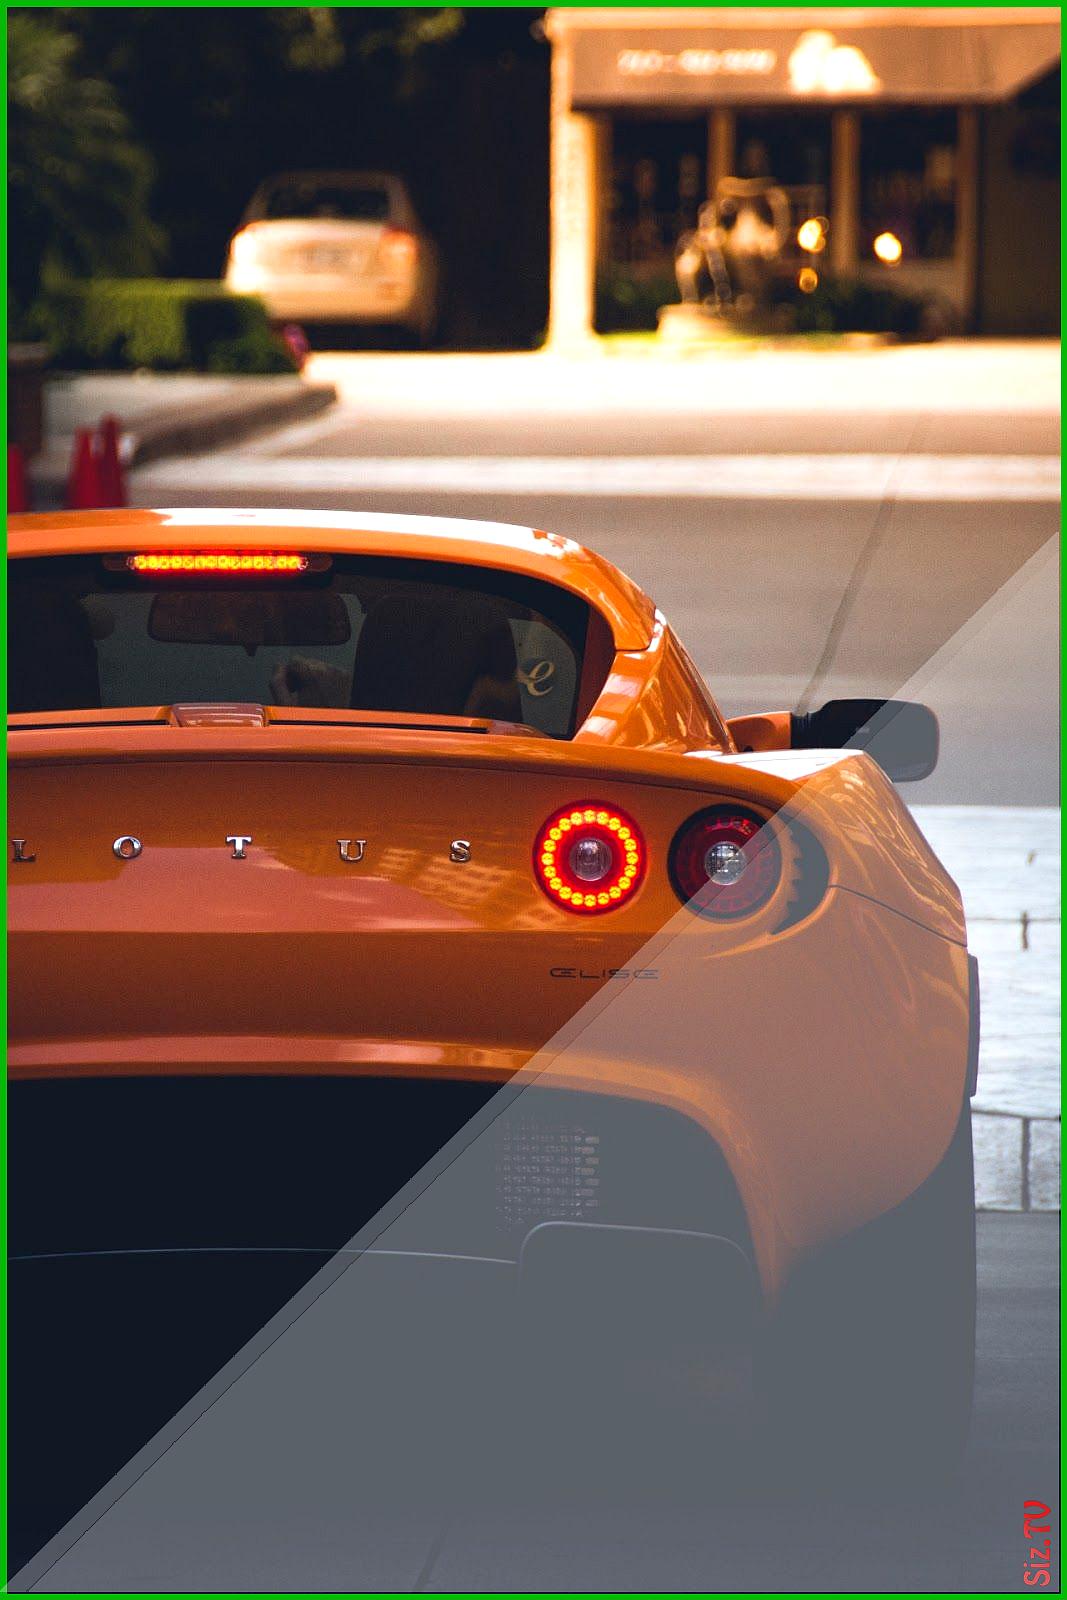 Lotus elise orange sportscar mobile wallpaper Lotus elise orange sportscar mobile wallpaper HD Mobil...